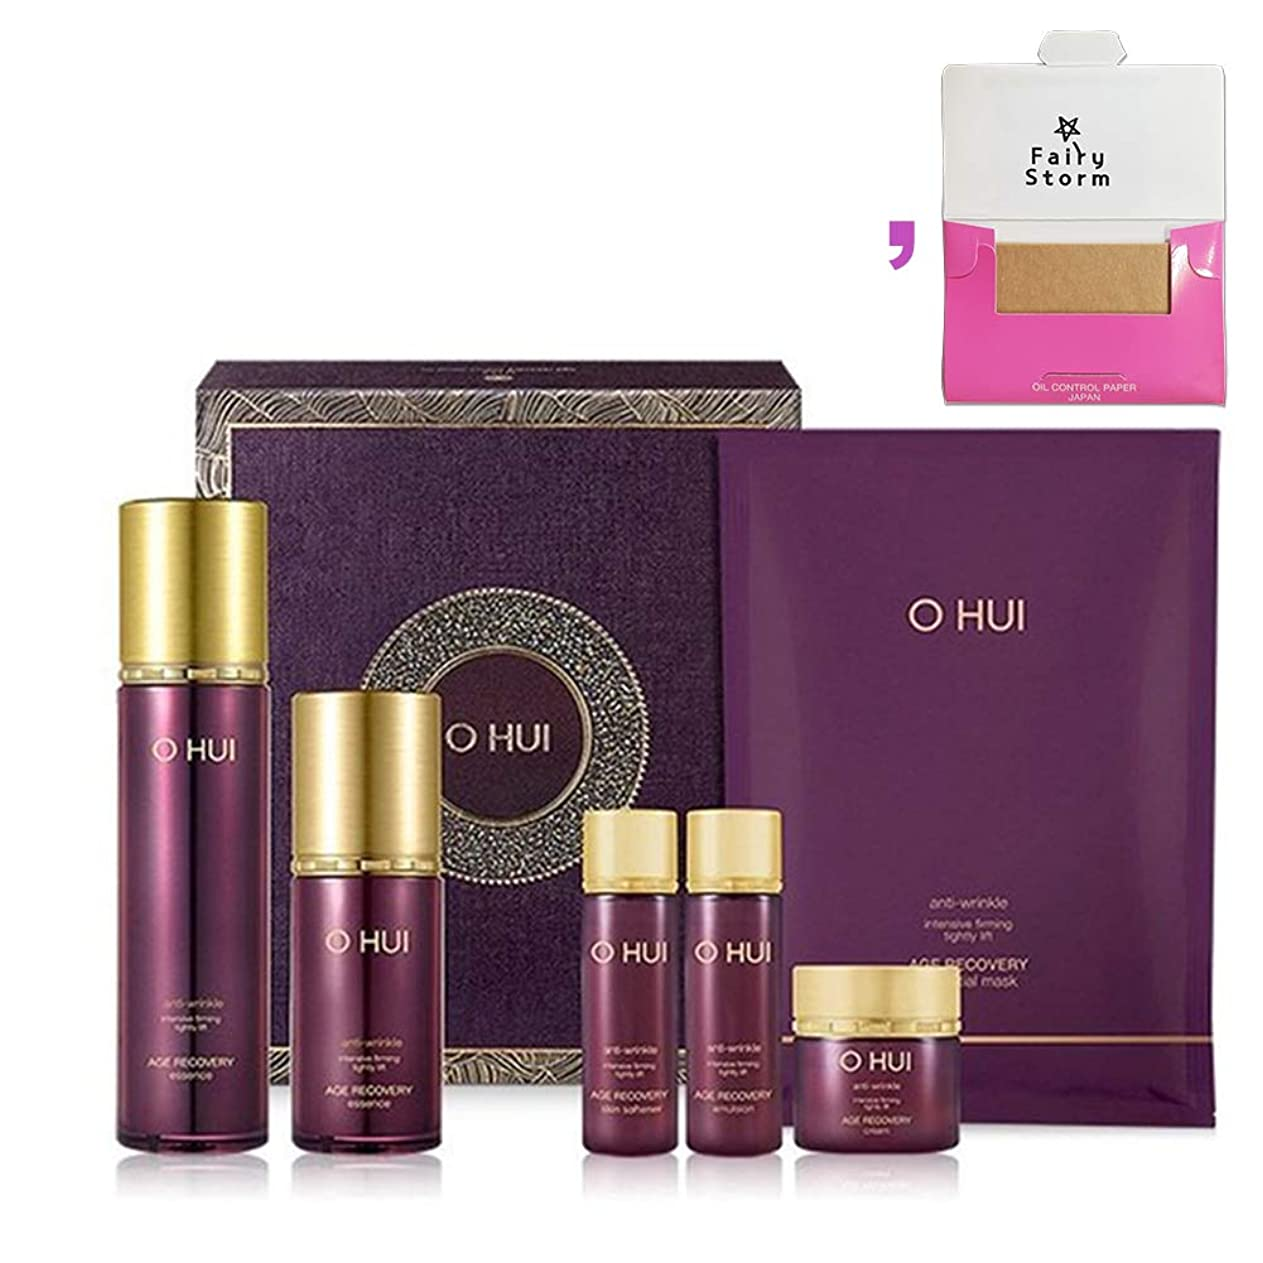 潜在的な法令インサート[オフィ/ O HUI]韓国化粧品 LG生活健康/ Ohui AGE RECOVERY ESSENCE Special Set /オフィ エイジ リカバリー エッセンス45ml 限定セット +[Sample Gift](海外直送品)